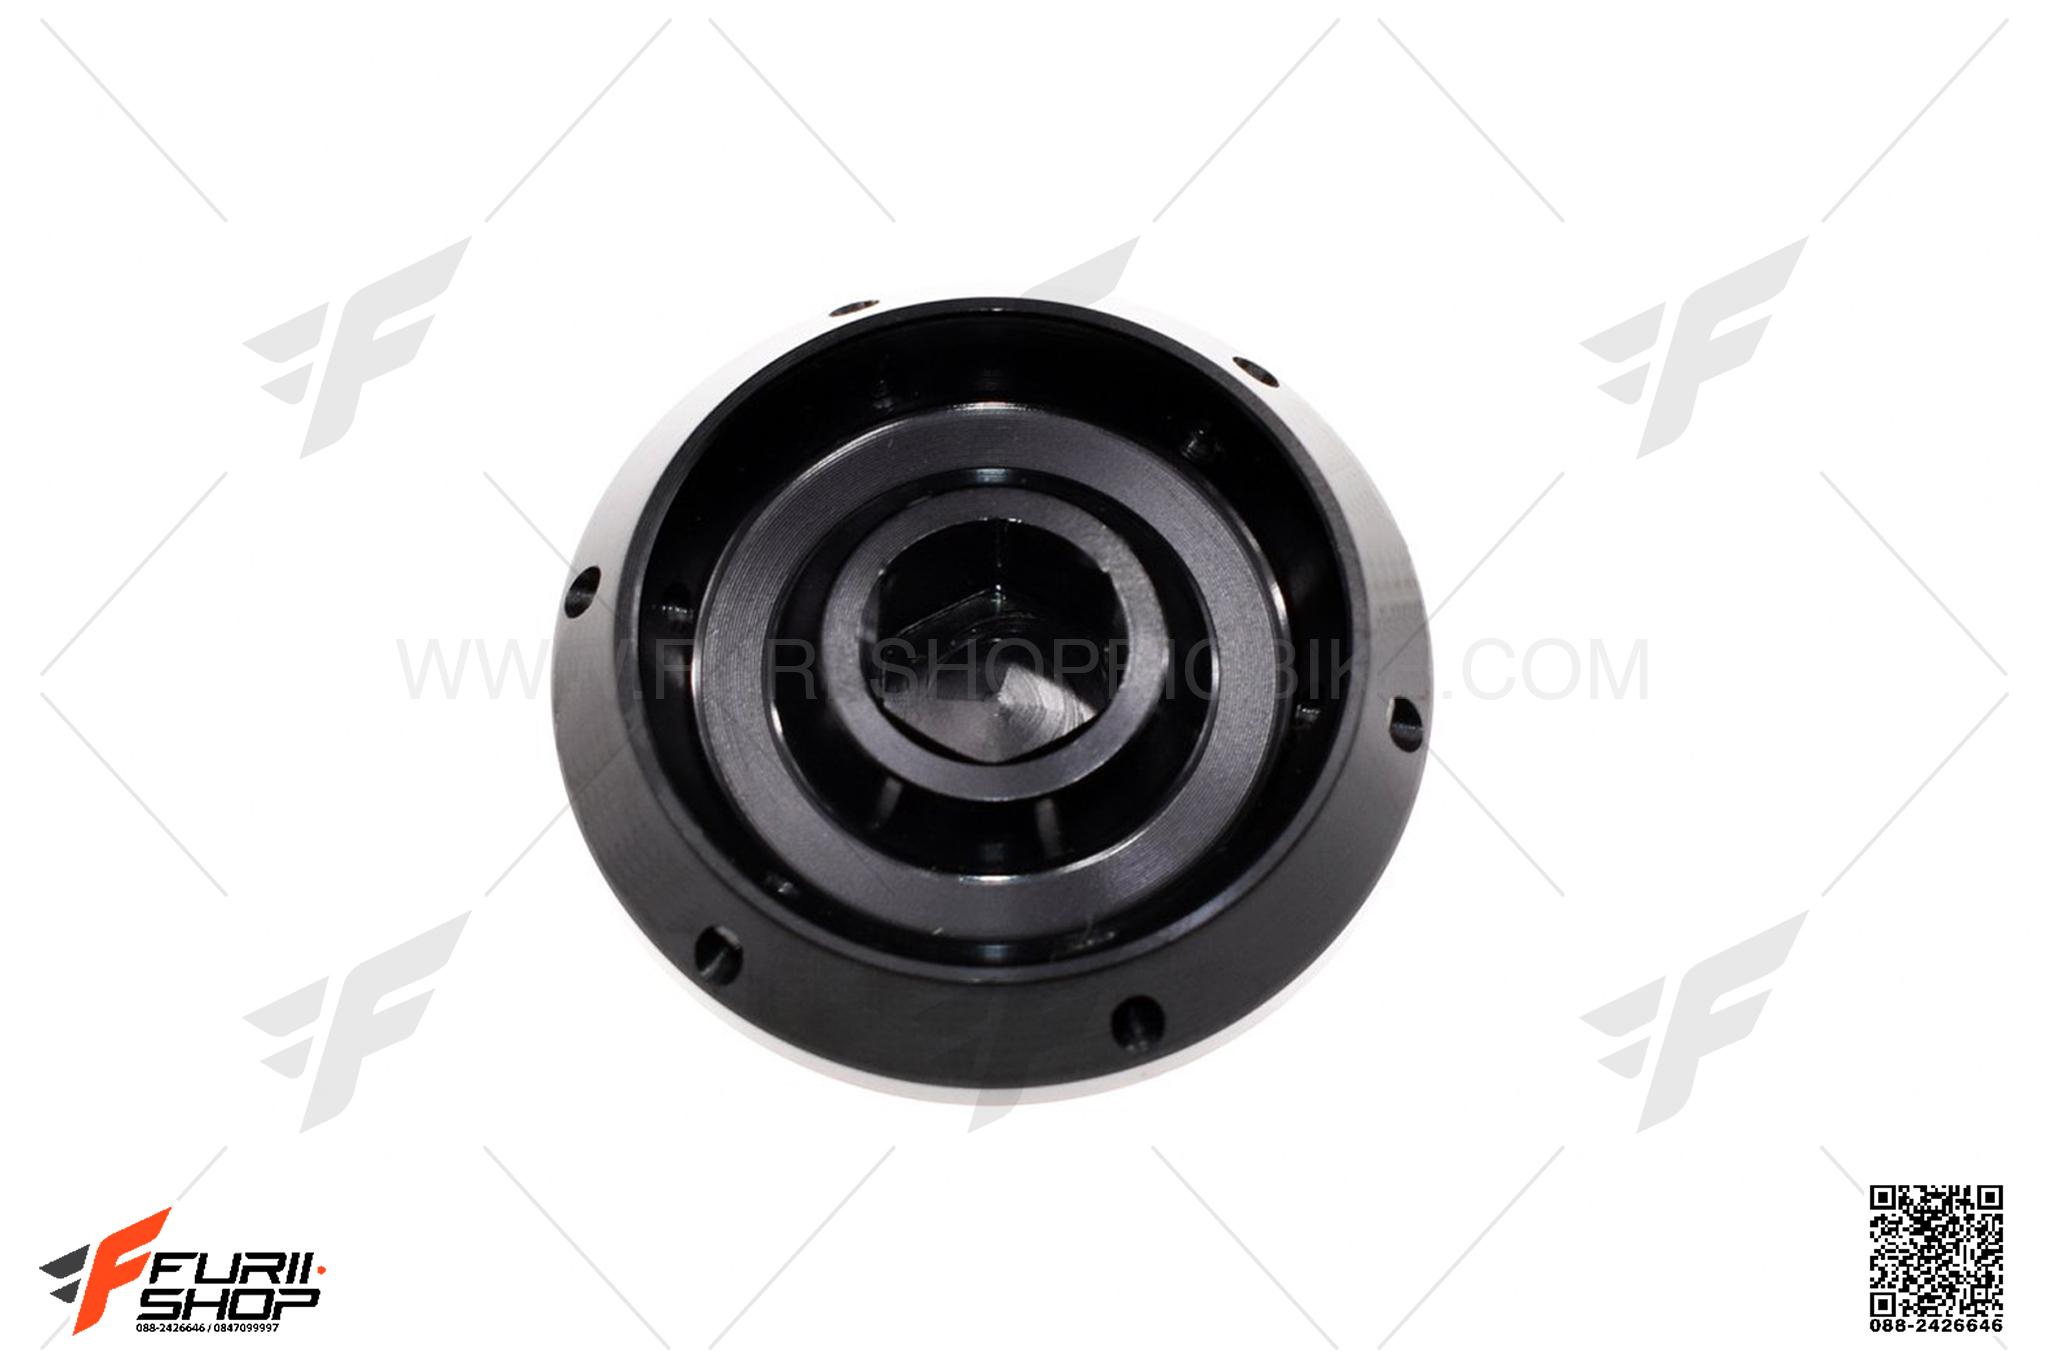 น็อตน้ำมันเครื่อง KAMUII สีดำ FOR BMW S1000RR